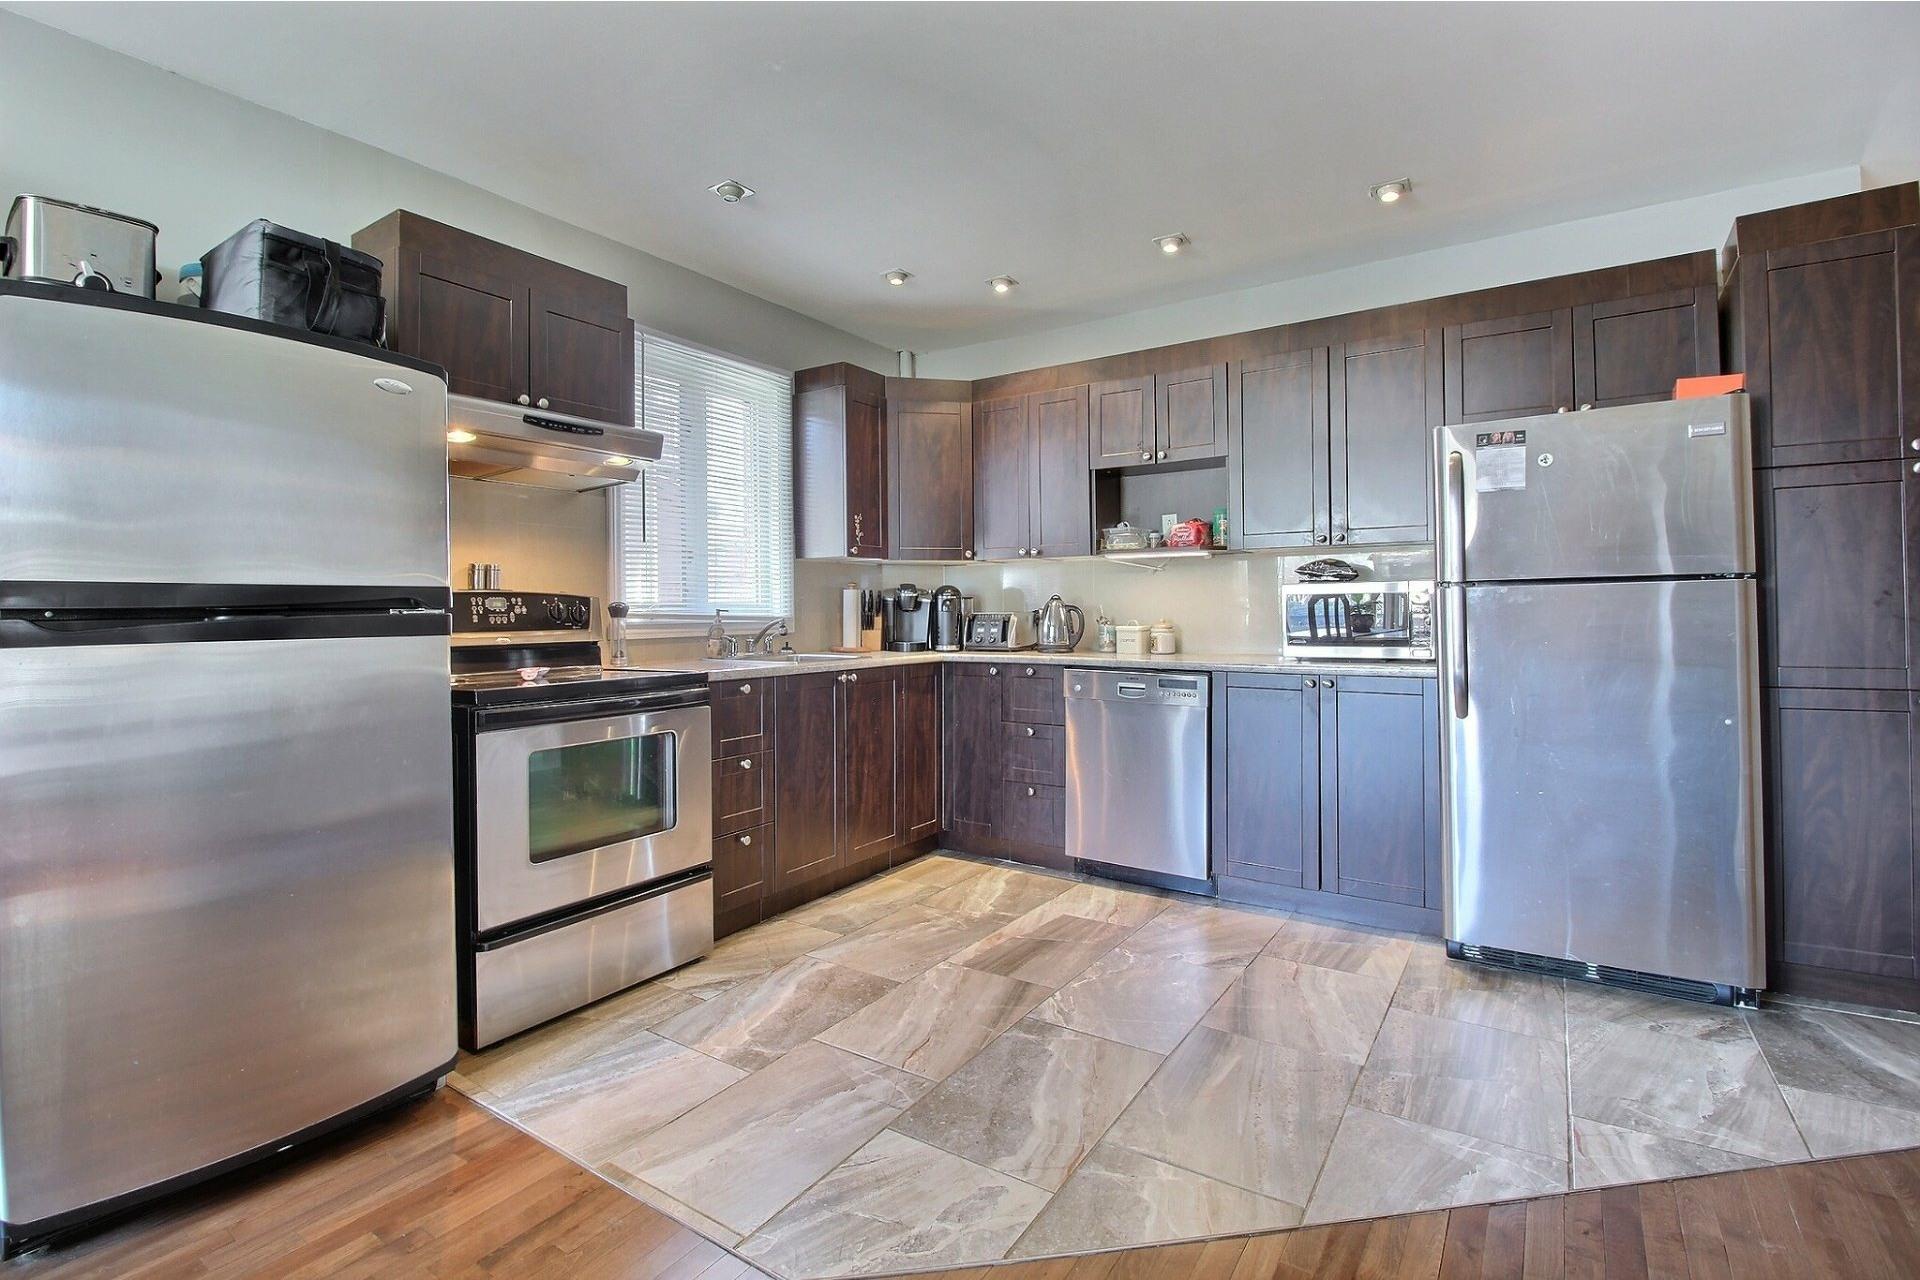 image 22 - Duplex For sale Joliette - 5 rooms